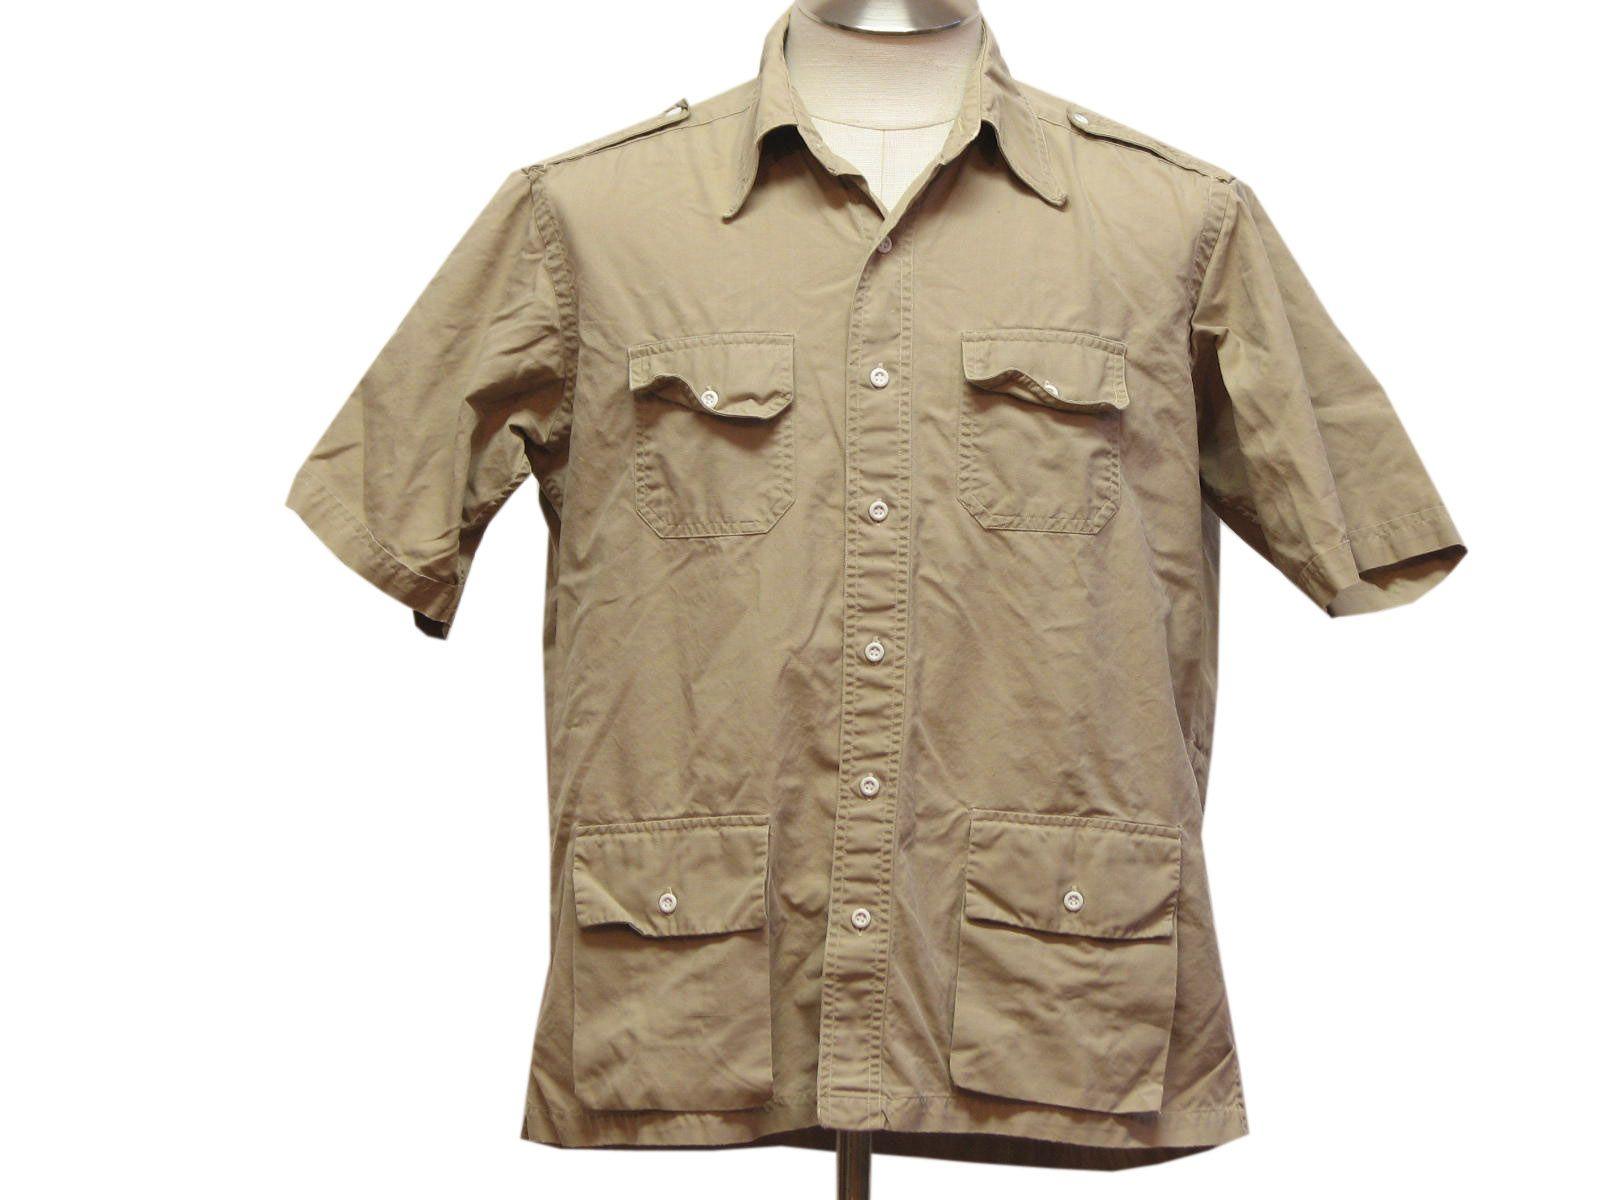 tan button down shirt - Google Search | Bingo! | Pinterest ...